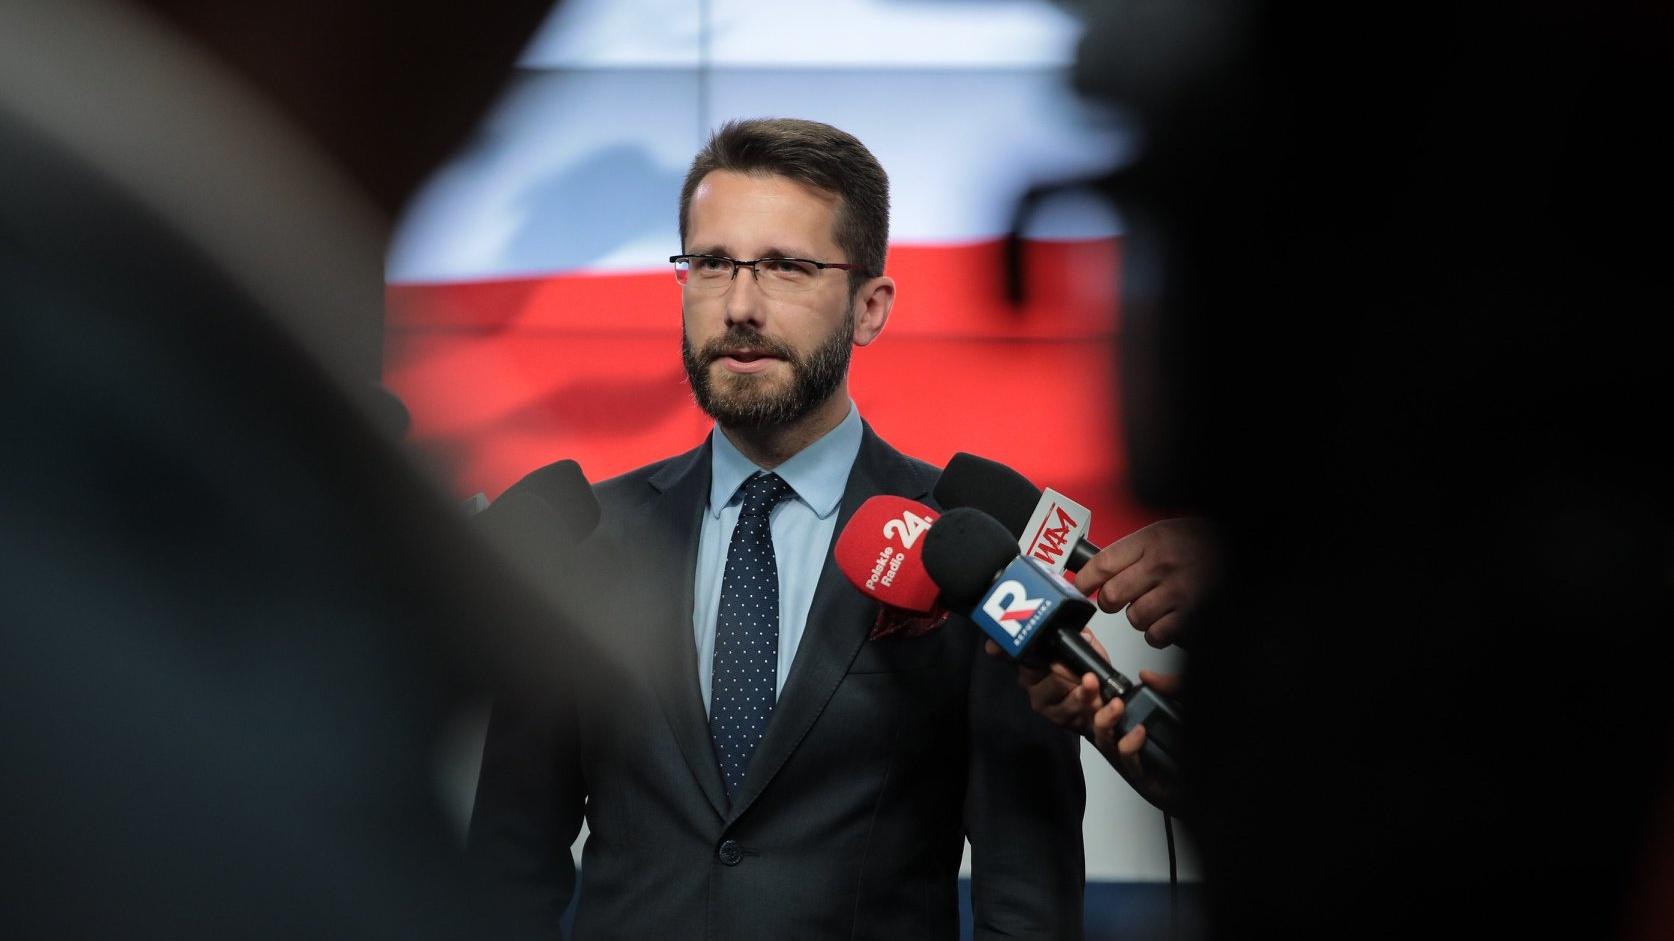 Fogiel: Jestem spokojny o większość w Sejmie, ale nie wykluczam rządu mniejszościowego